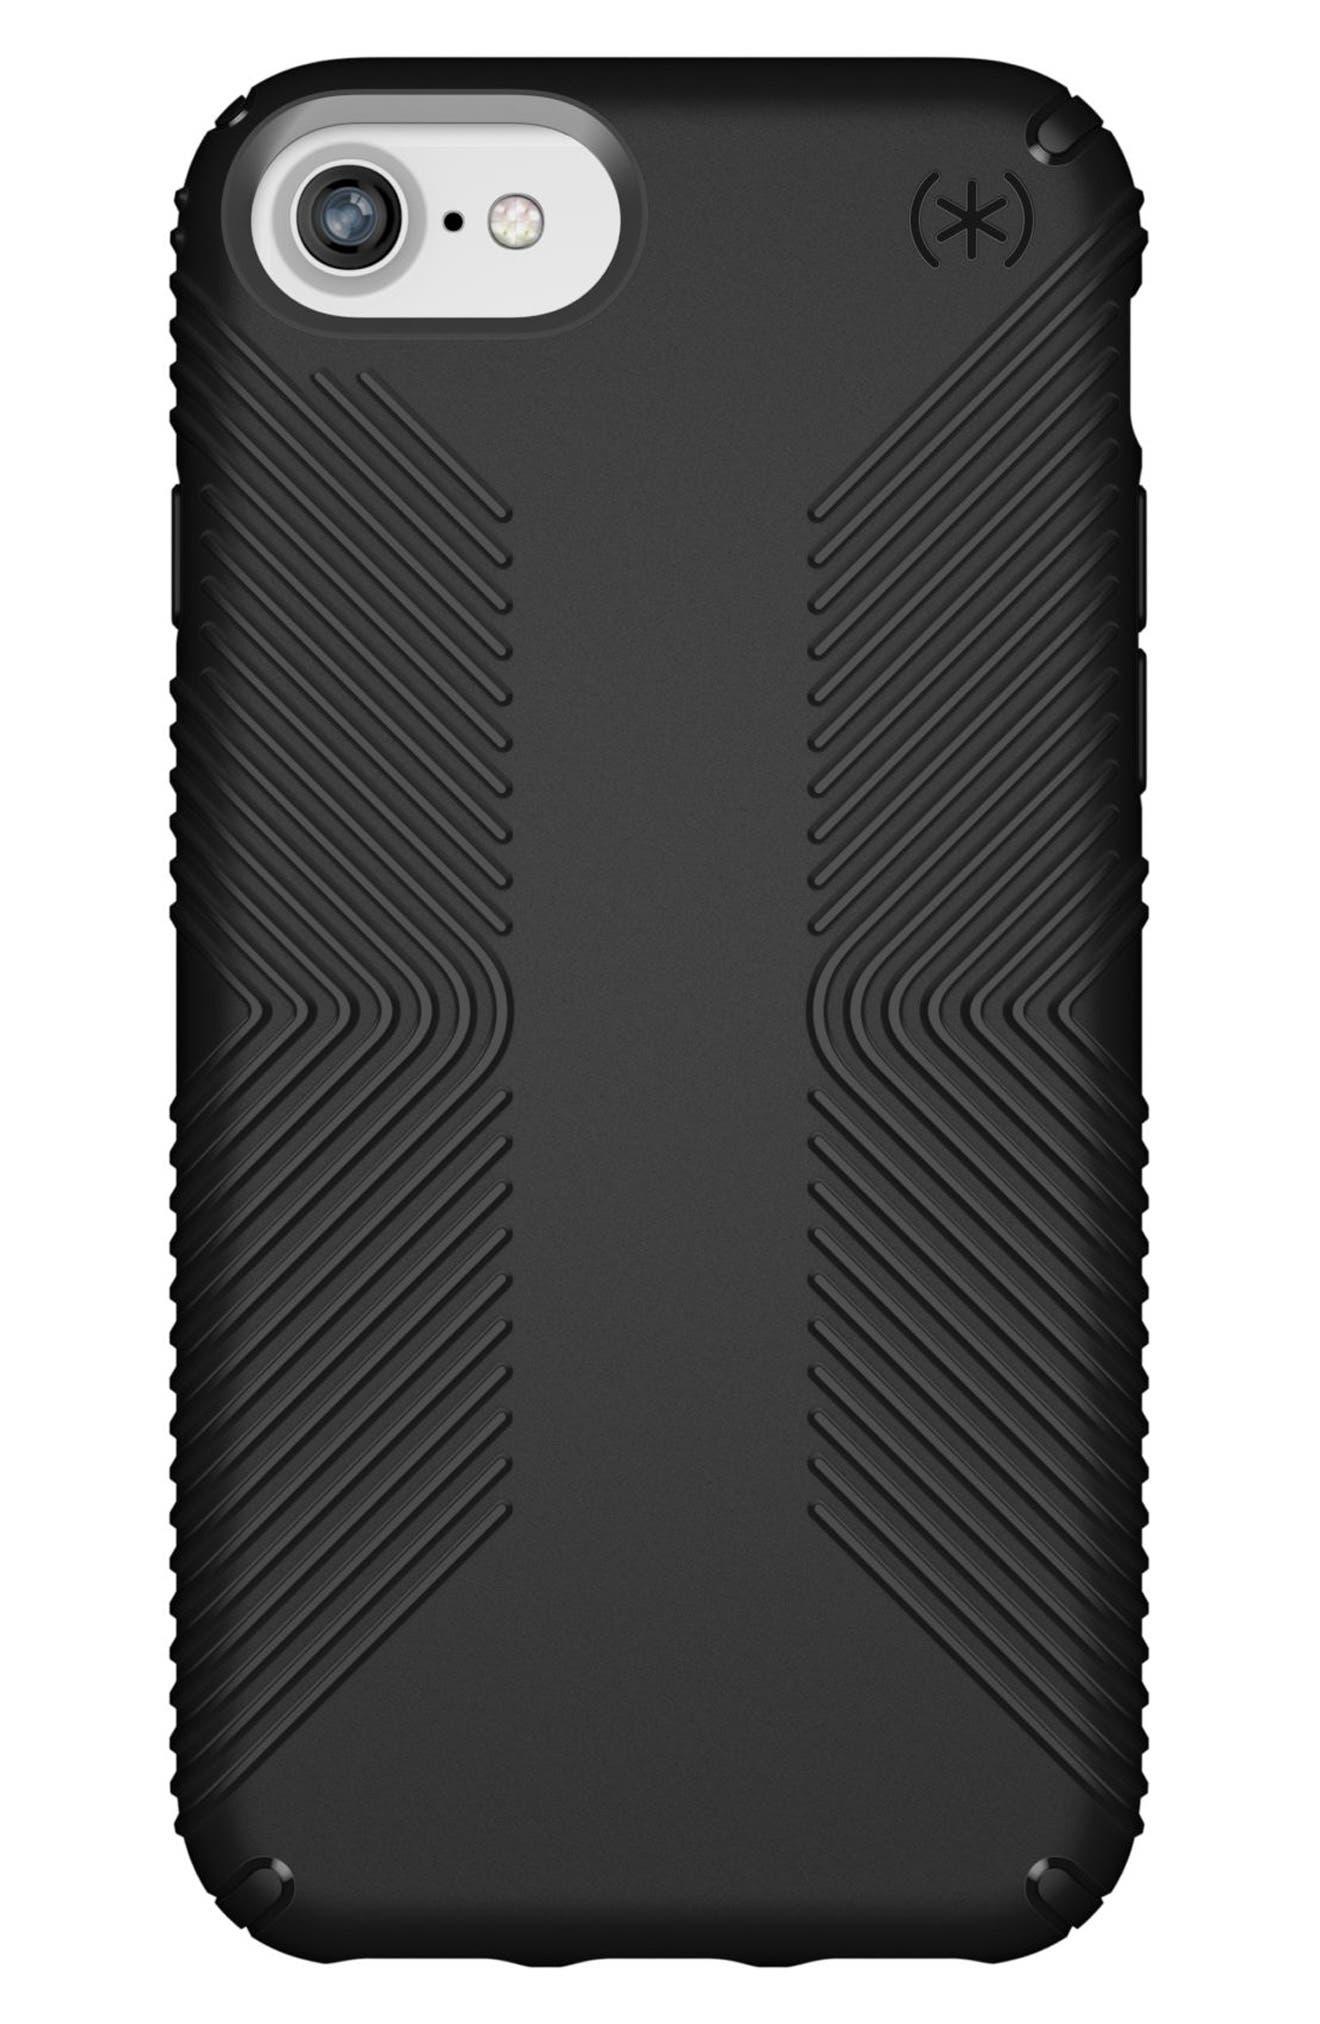 Grip iPhone 6/6s/7/8 Case,                             Main thumbnail 1, color,                             001